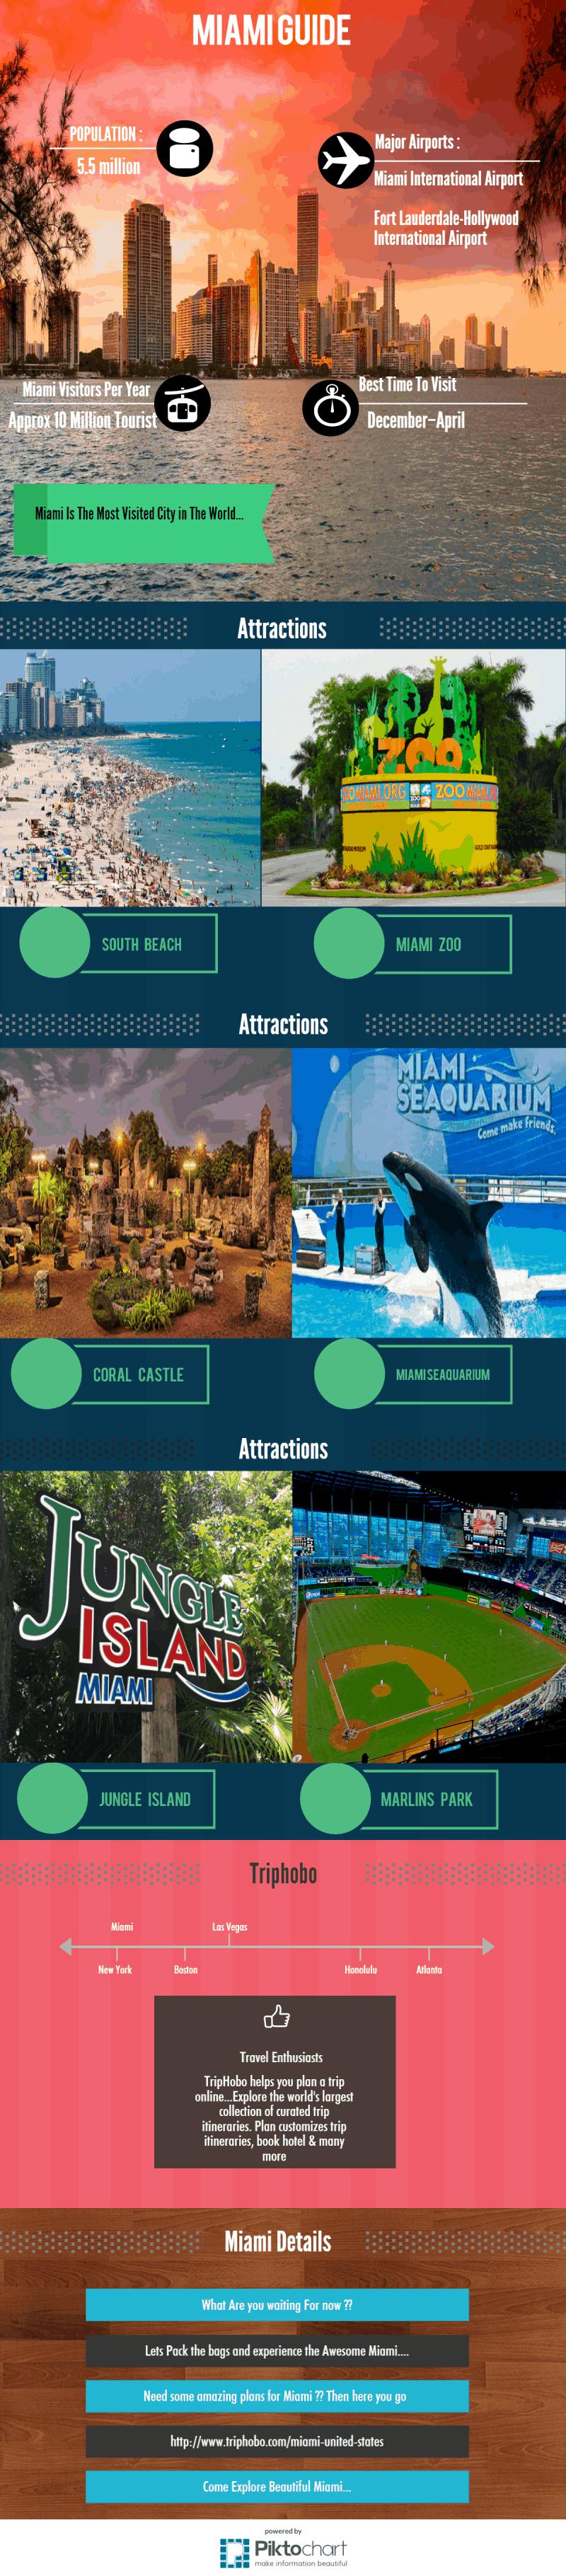 Miami Guide 1